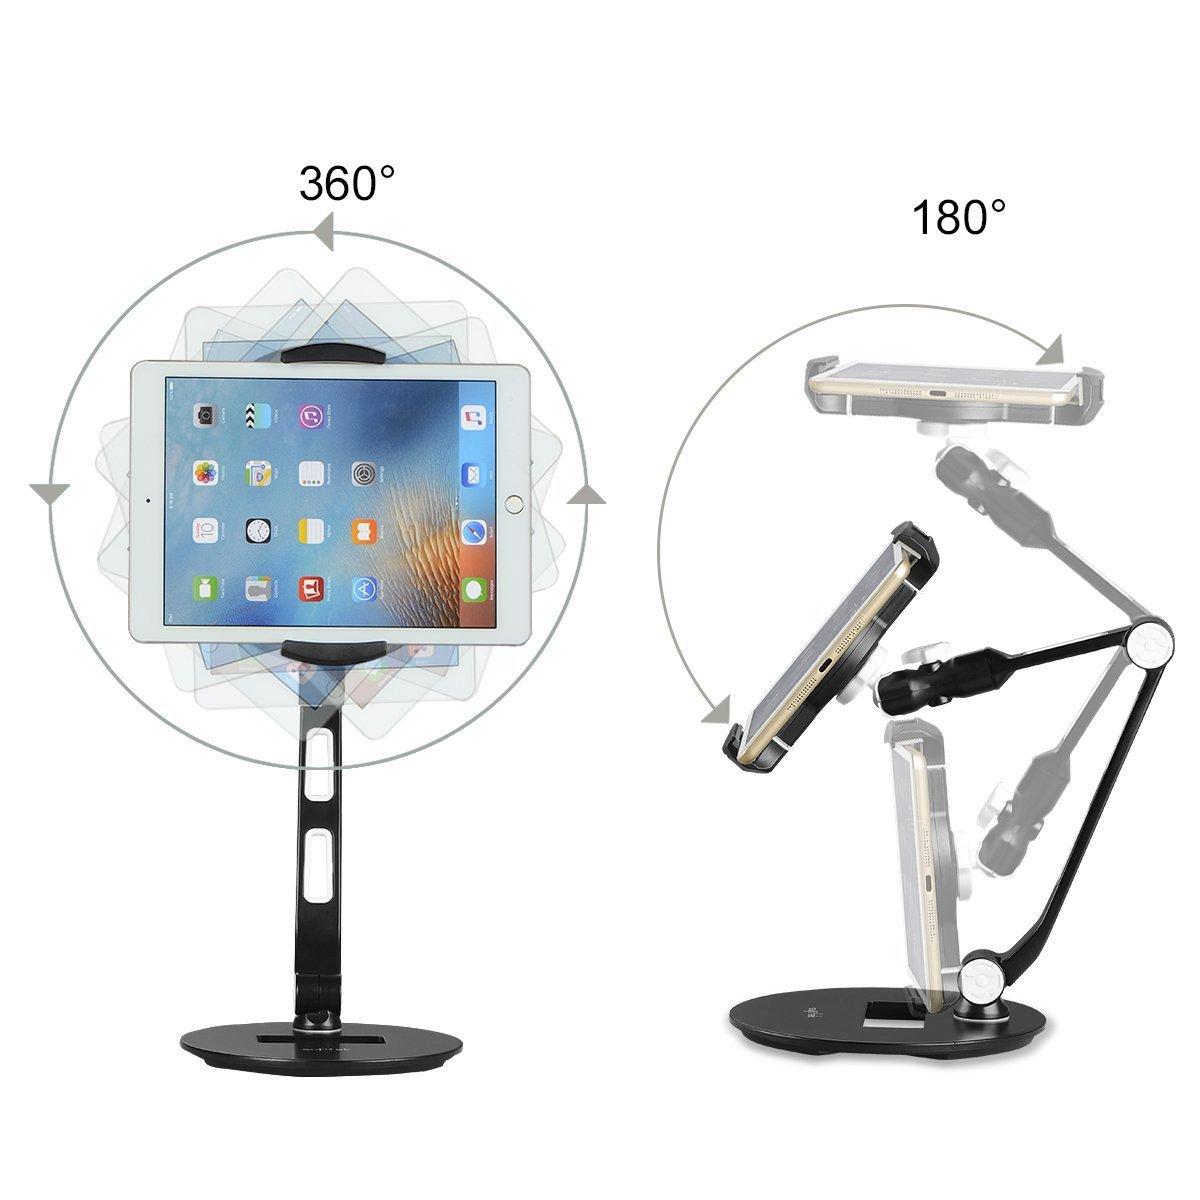 Soporte para Tableta Soporte para Teléfono Soporte De Escritorio Diseño De ángulo Ajustable para La Mayoría De Las Tabletas De 4-13 Pulgadas (10-34cm) Negro ...